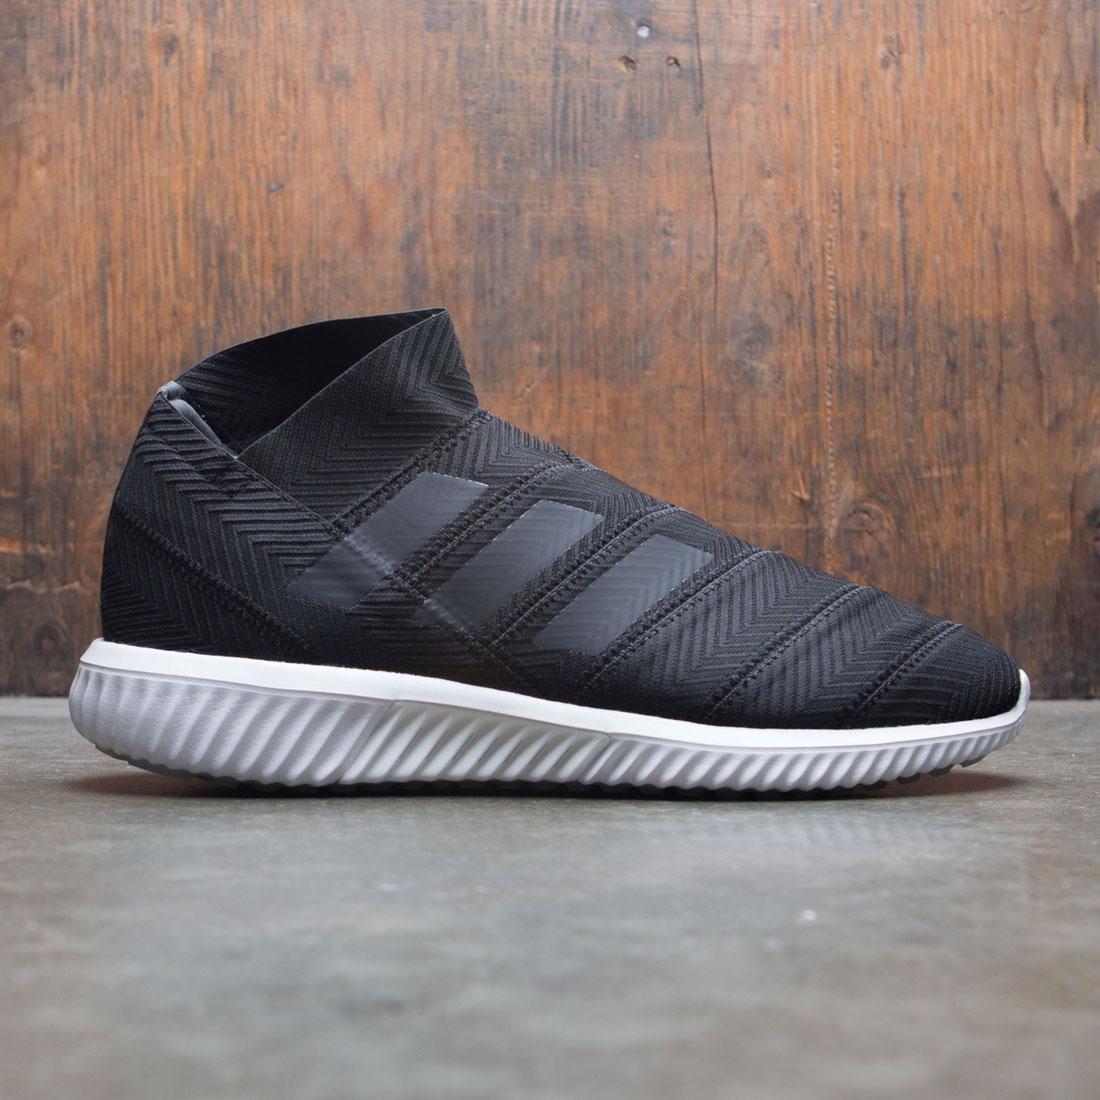 【海外限定】アディダス コア 黒 ブラック 18.1 スニーカー 靴 【 ADIDAS BLACK MEN NEMEZIZ TANGO TR CORE FOOTWEAR WHITE 】【送料無料】